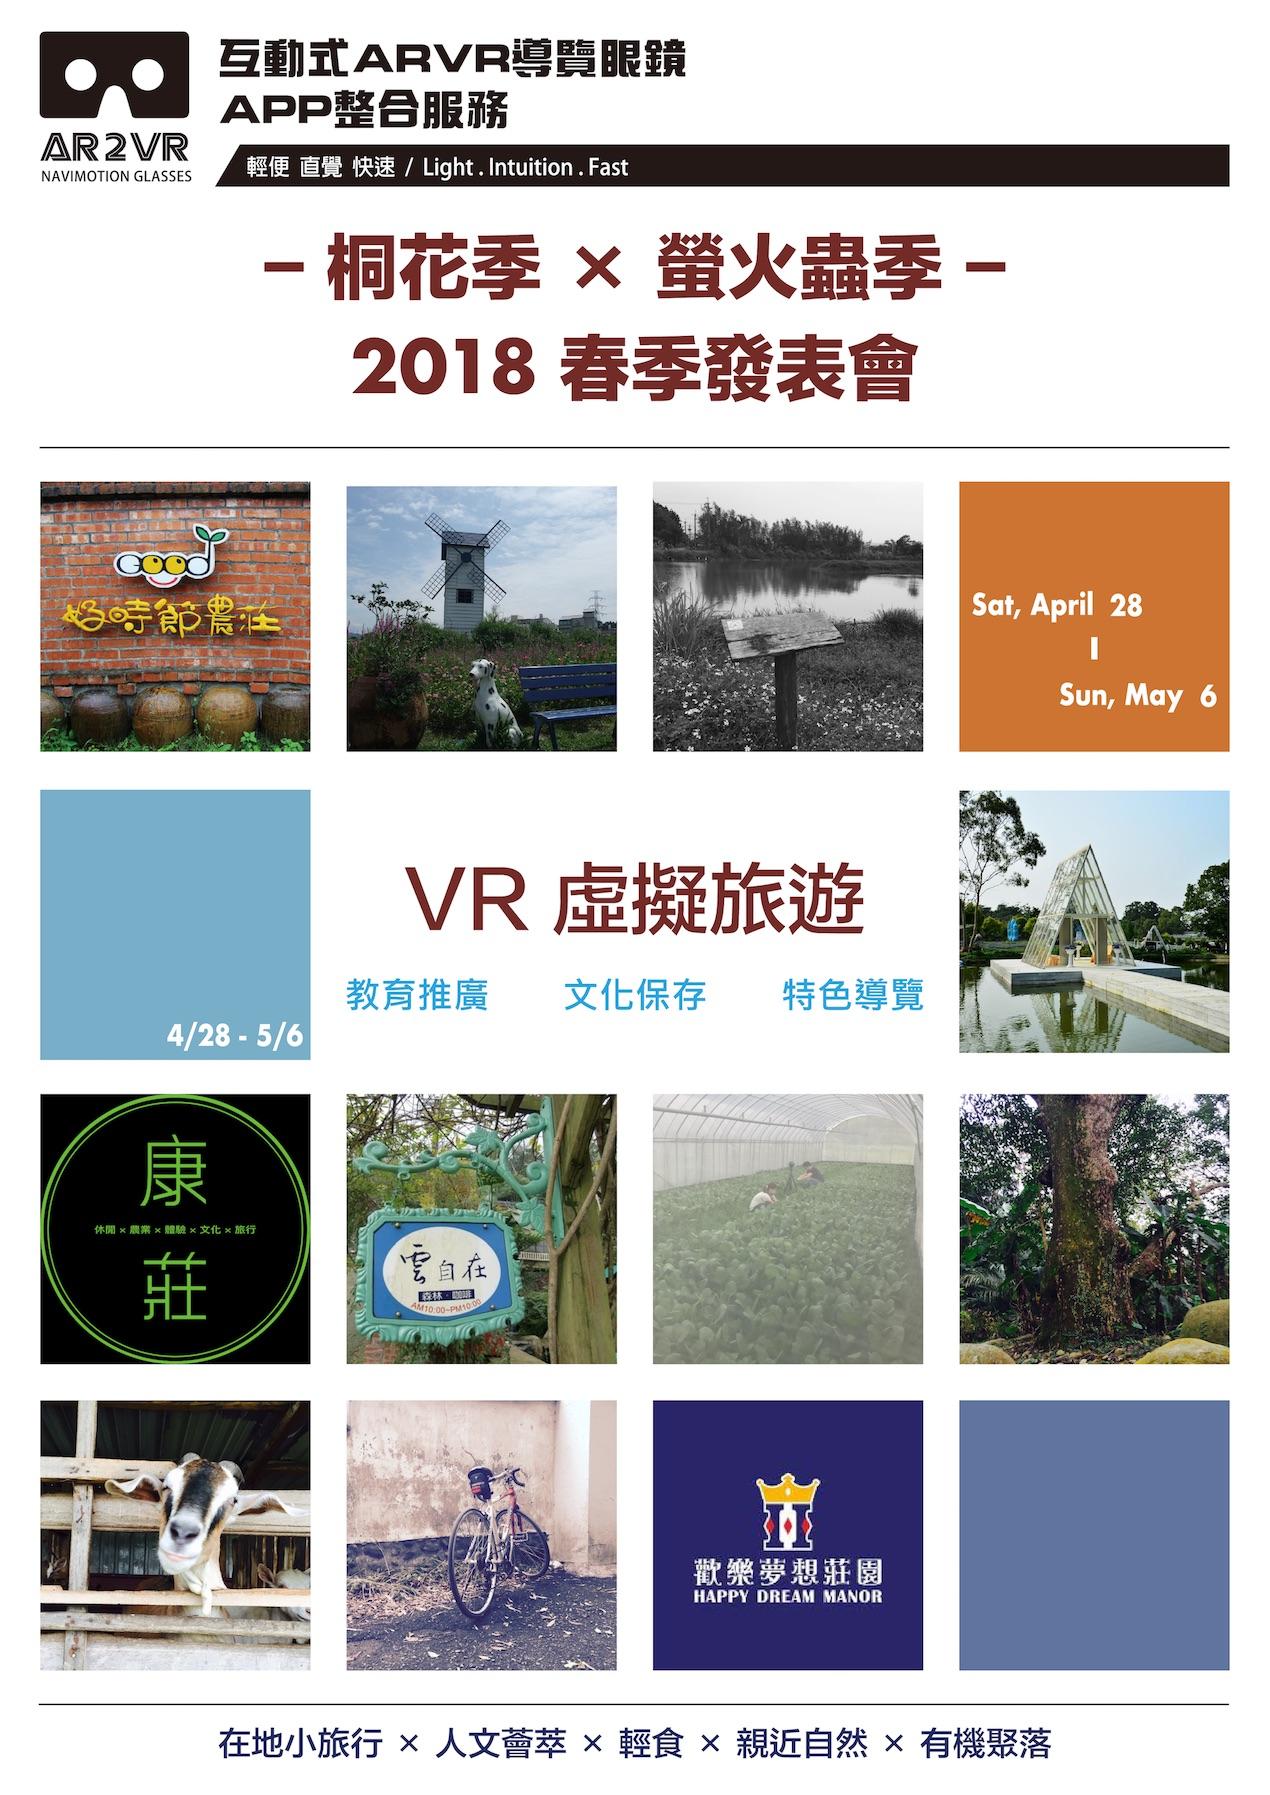 桃園大溪-康莊休閒農場VR體驗